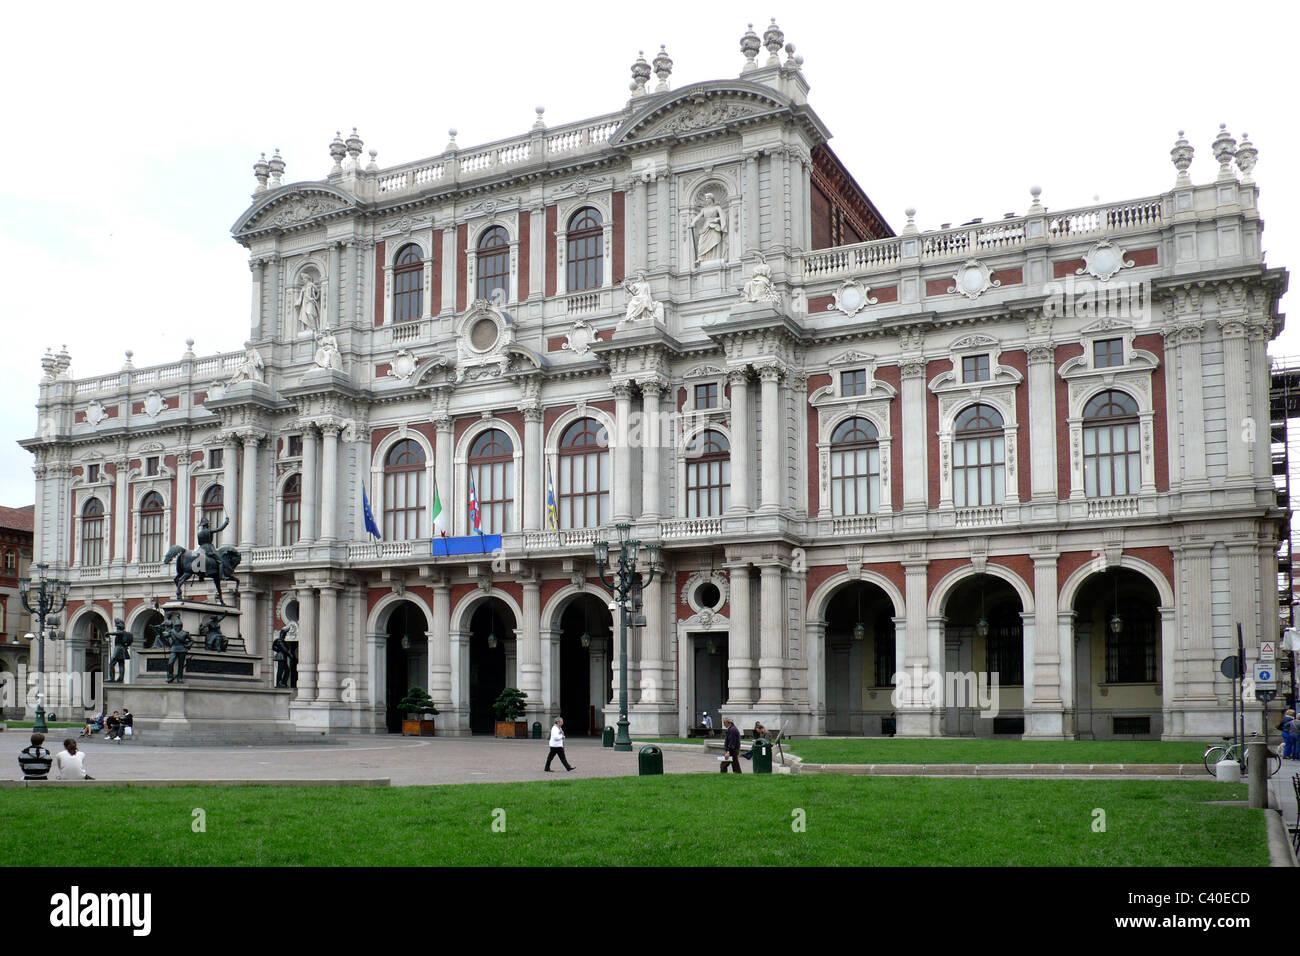 Museo Nazionale Del Risorgimento Italiano.Palazzo Carignano E Il Museo Nazionale Del Risorgimento Italiano